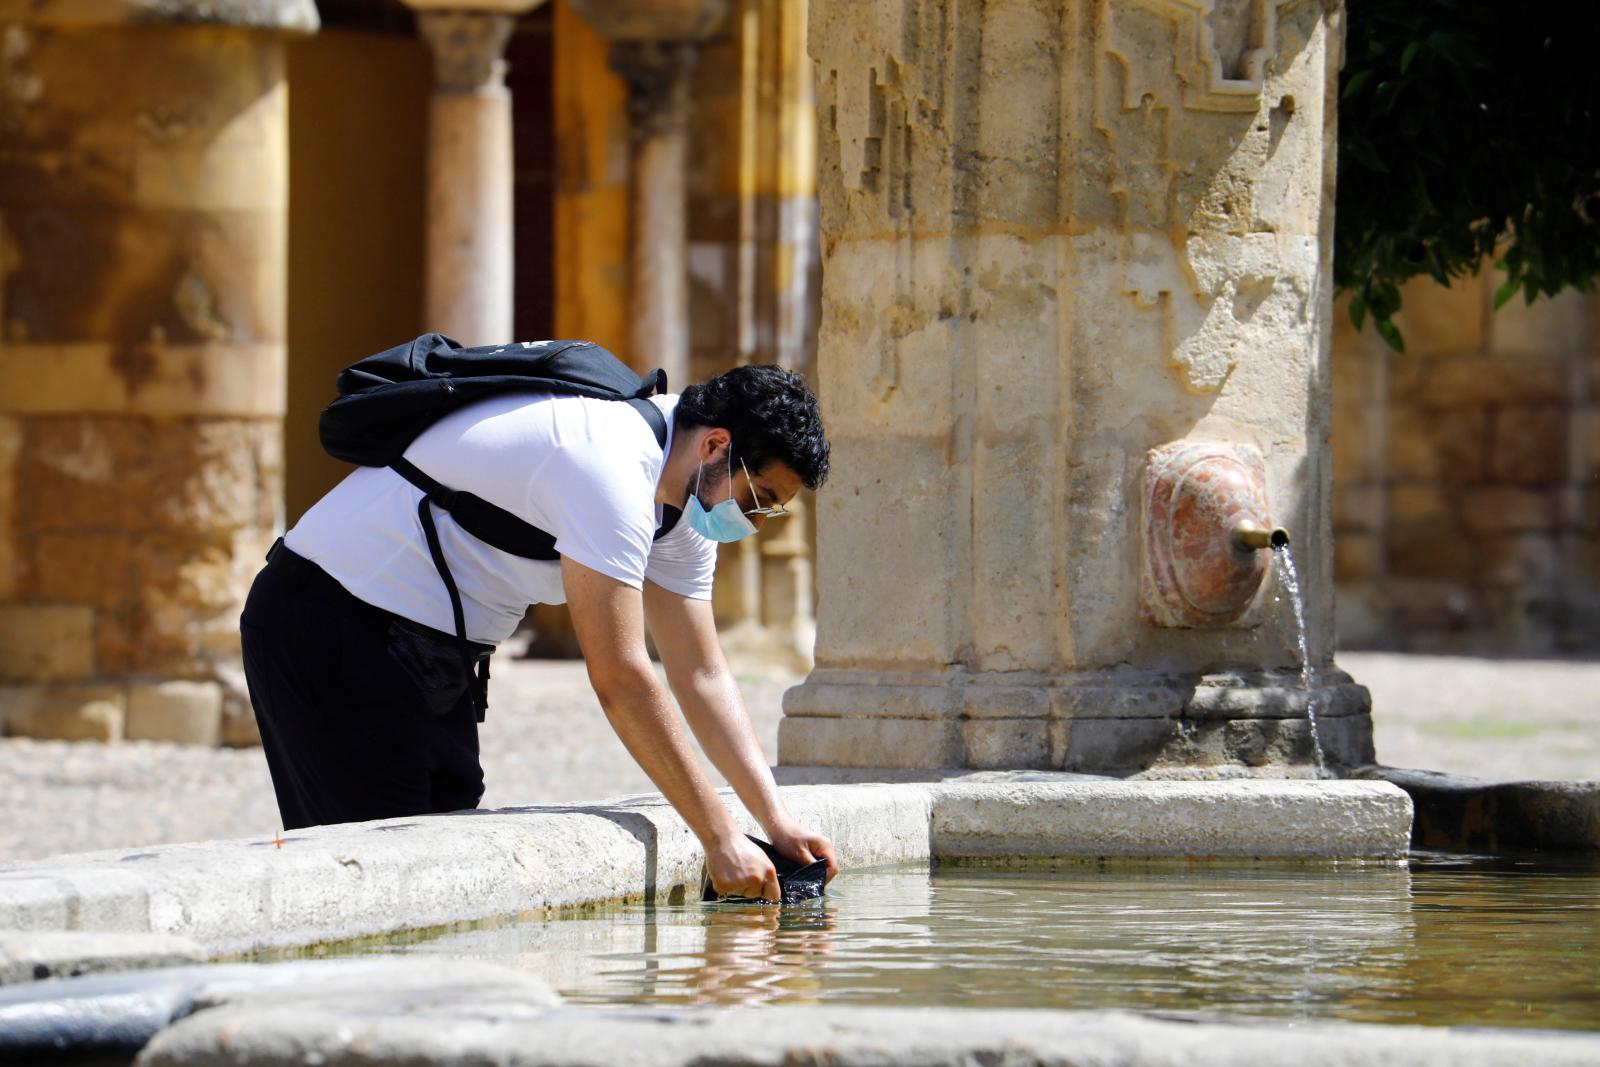 Letni dzień w Hiszpanii fot. EPA/SALAS